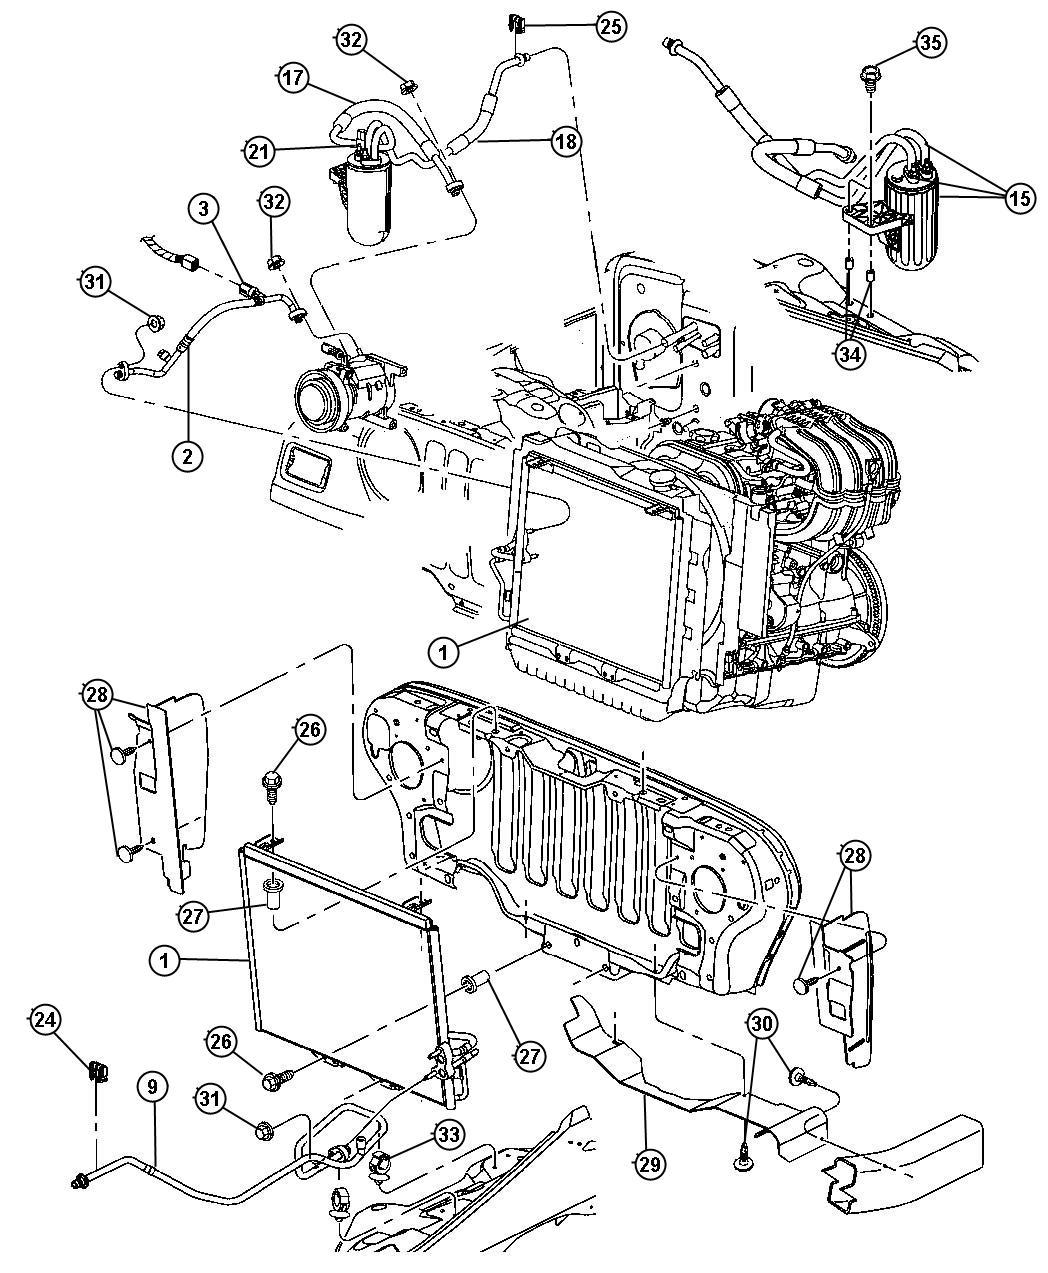 j4003120 mopar well nut condenser mounting 25 nut nut well mopar parts overstock. Black Bedroom Furniture Sets. Home Design Ideas